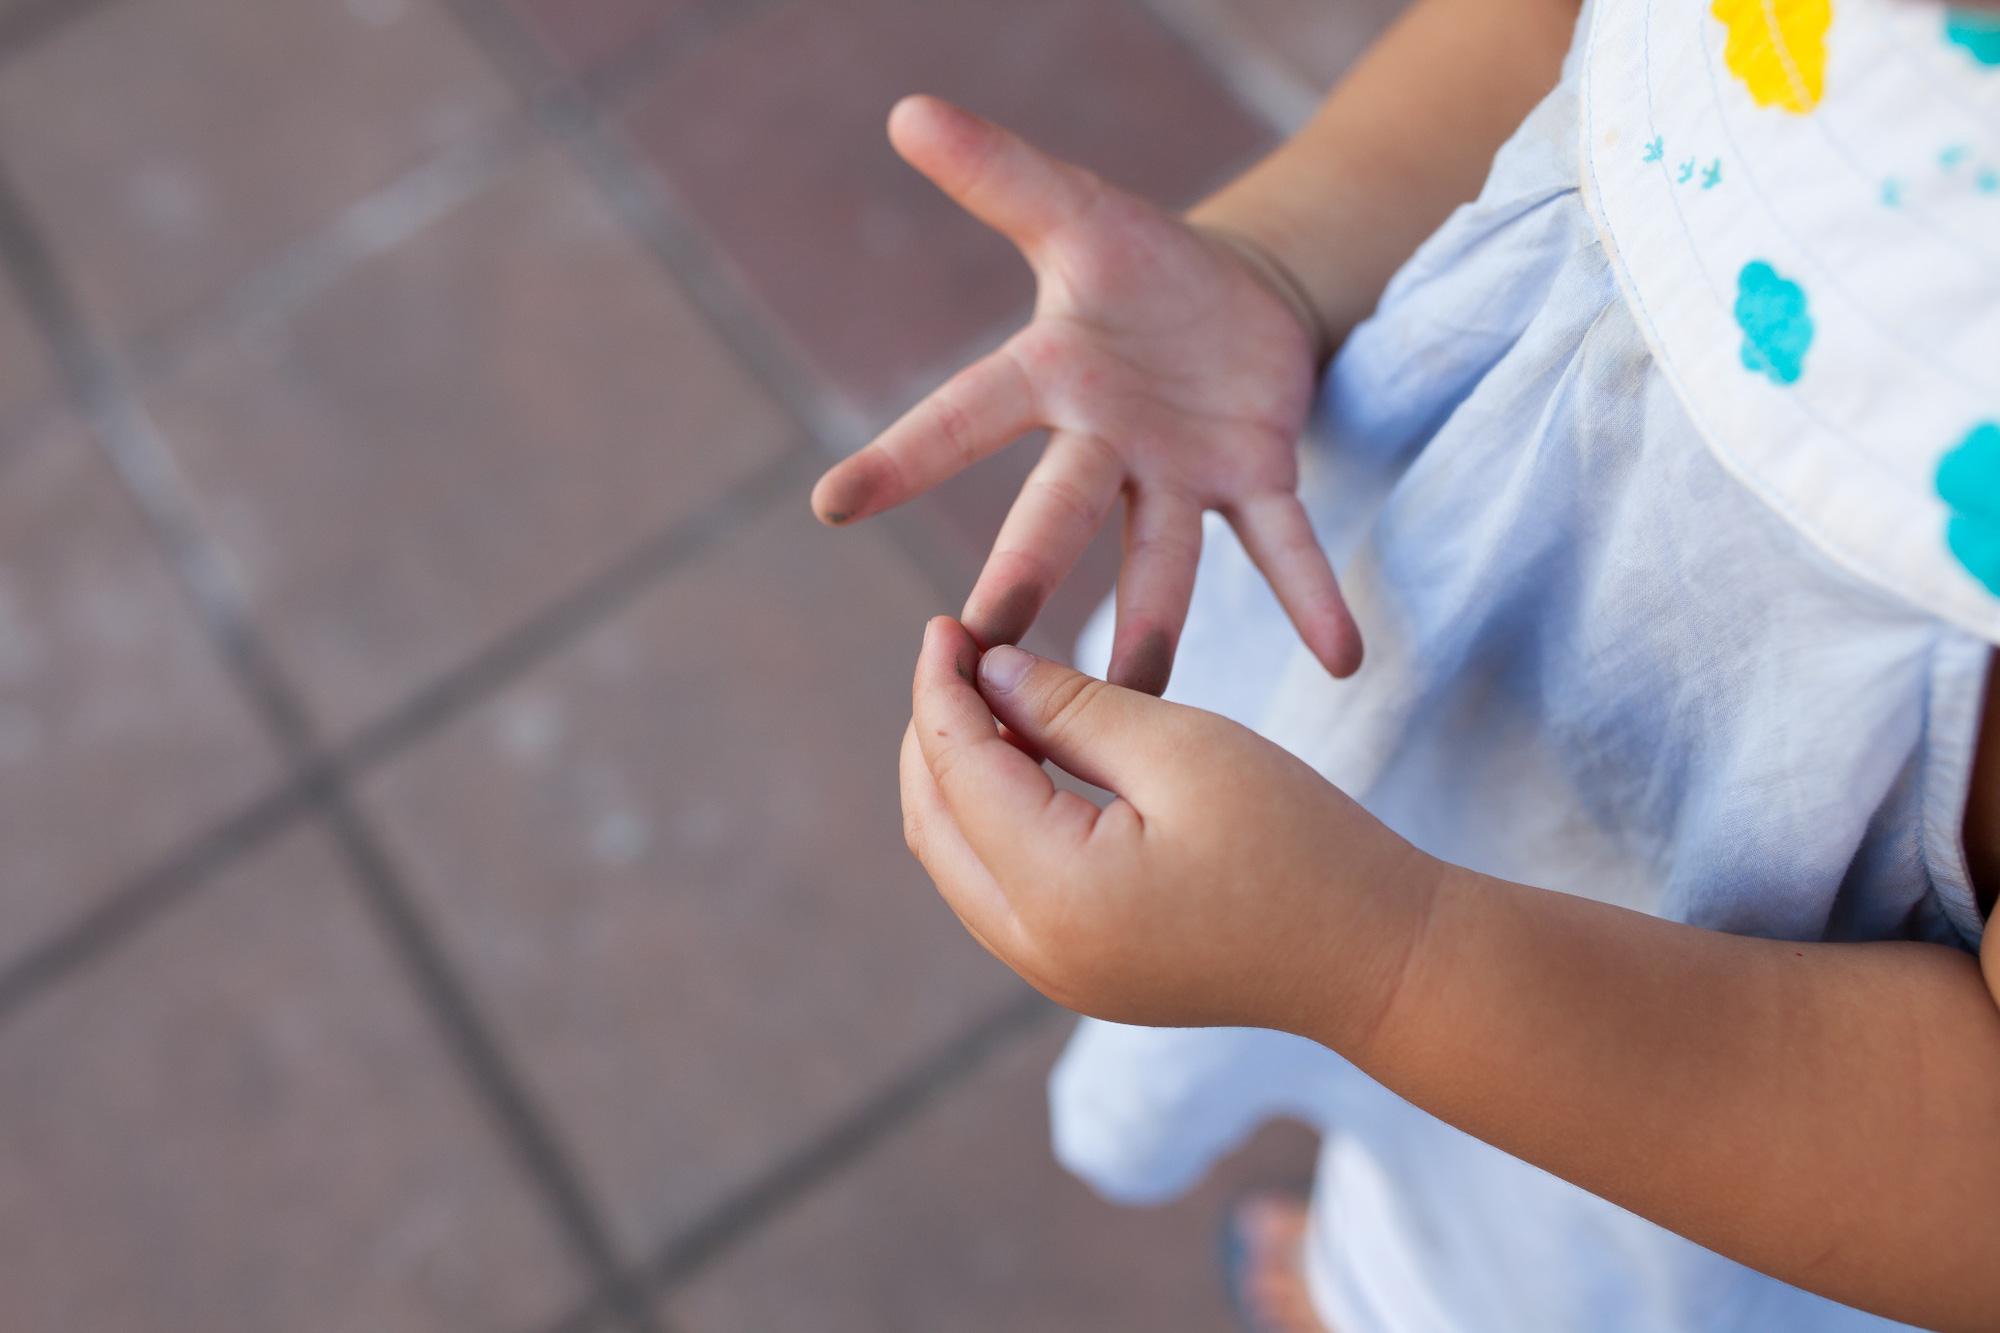 Rửa tay phòng dịch – Hầu như ai cũng mắc phải sai lầm này - Ảnh 3.